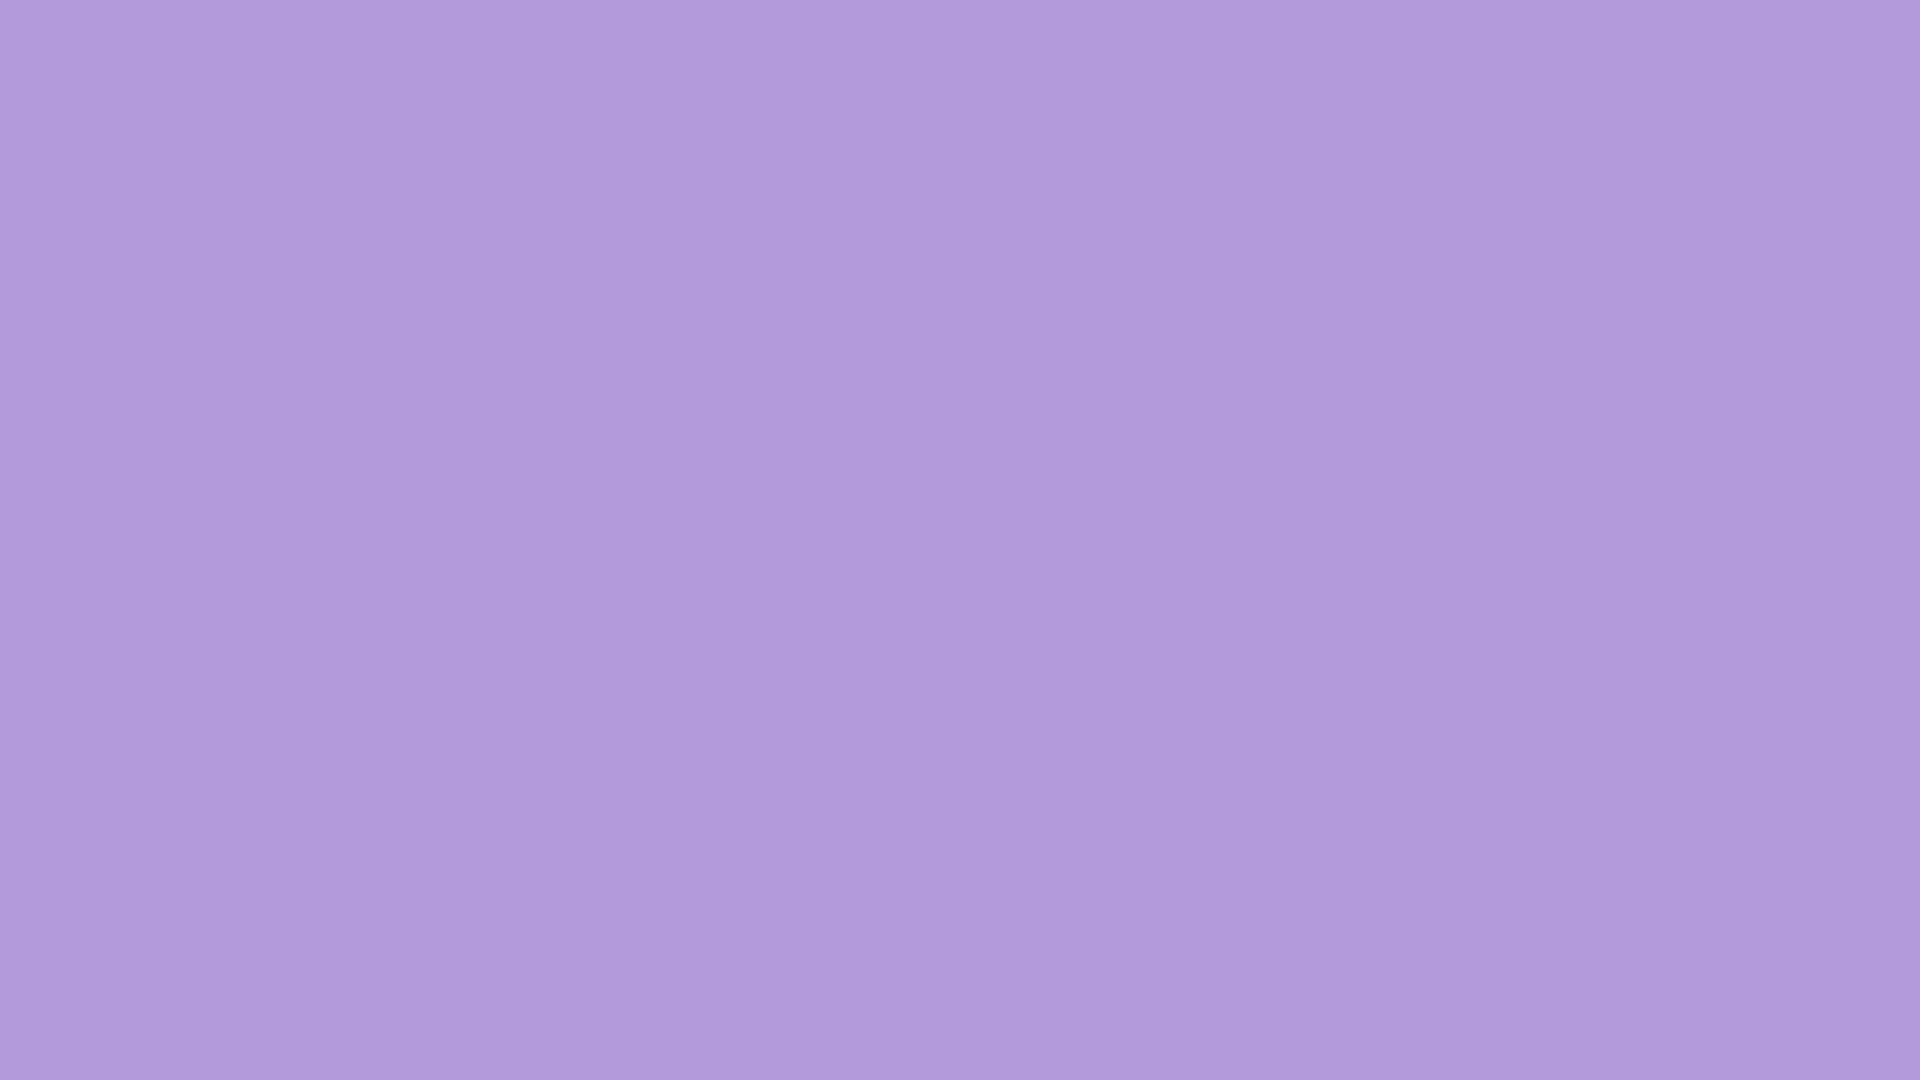 light purple color - HD1920×1080